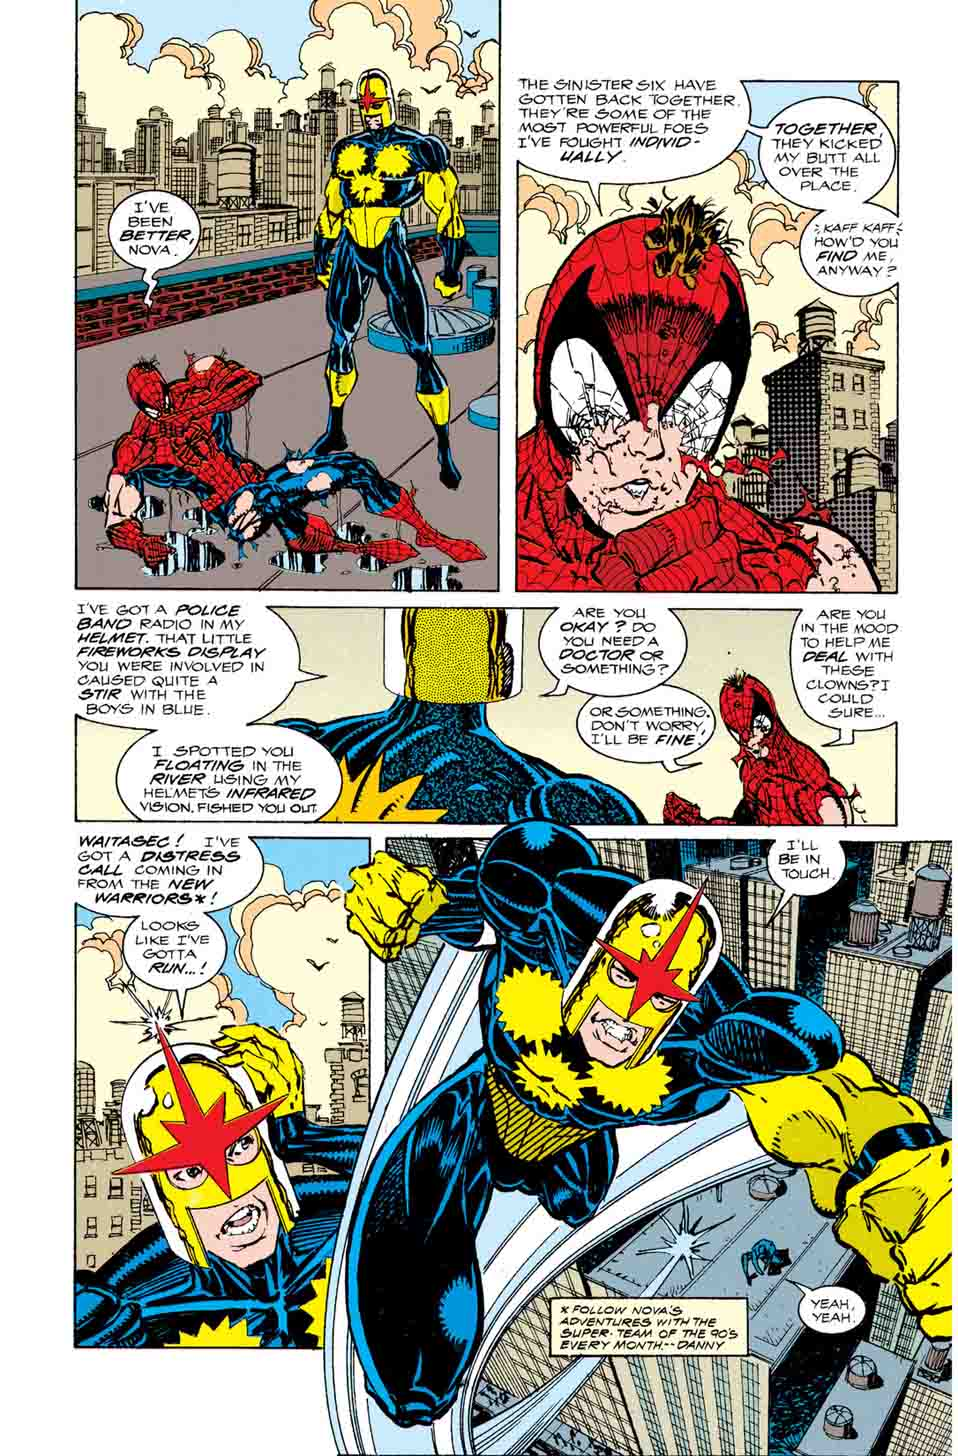 SpidermanLarsen